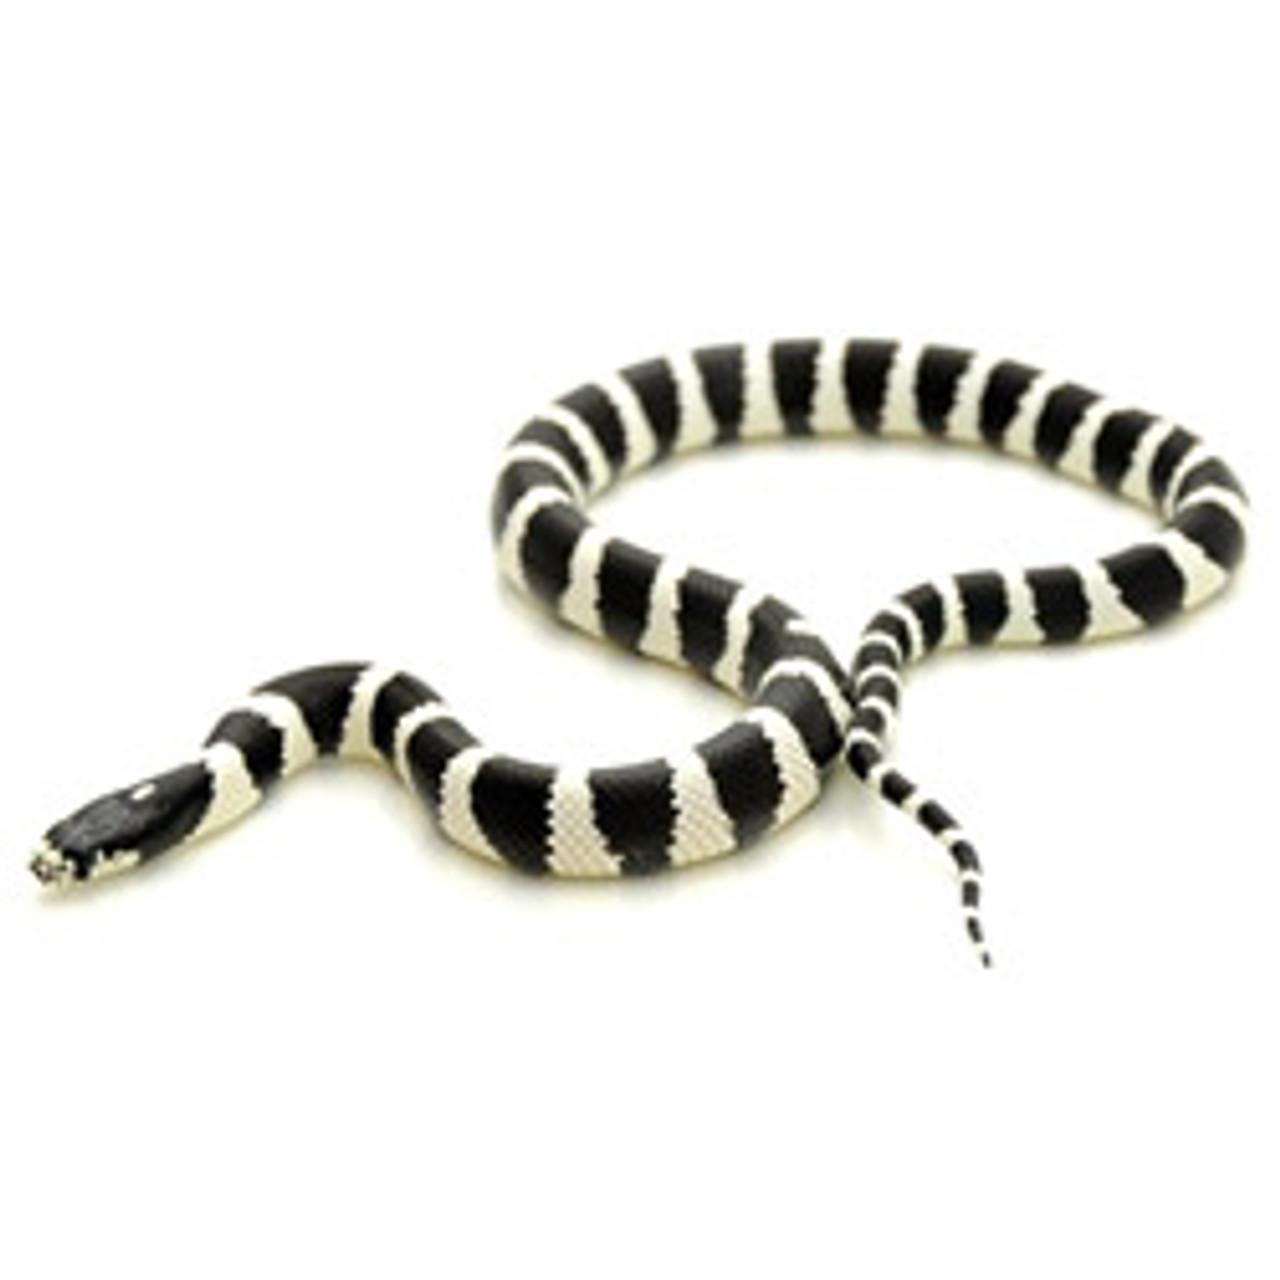 Banded California King Snake (Lampropeltis getula)